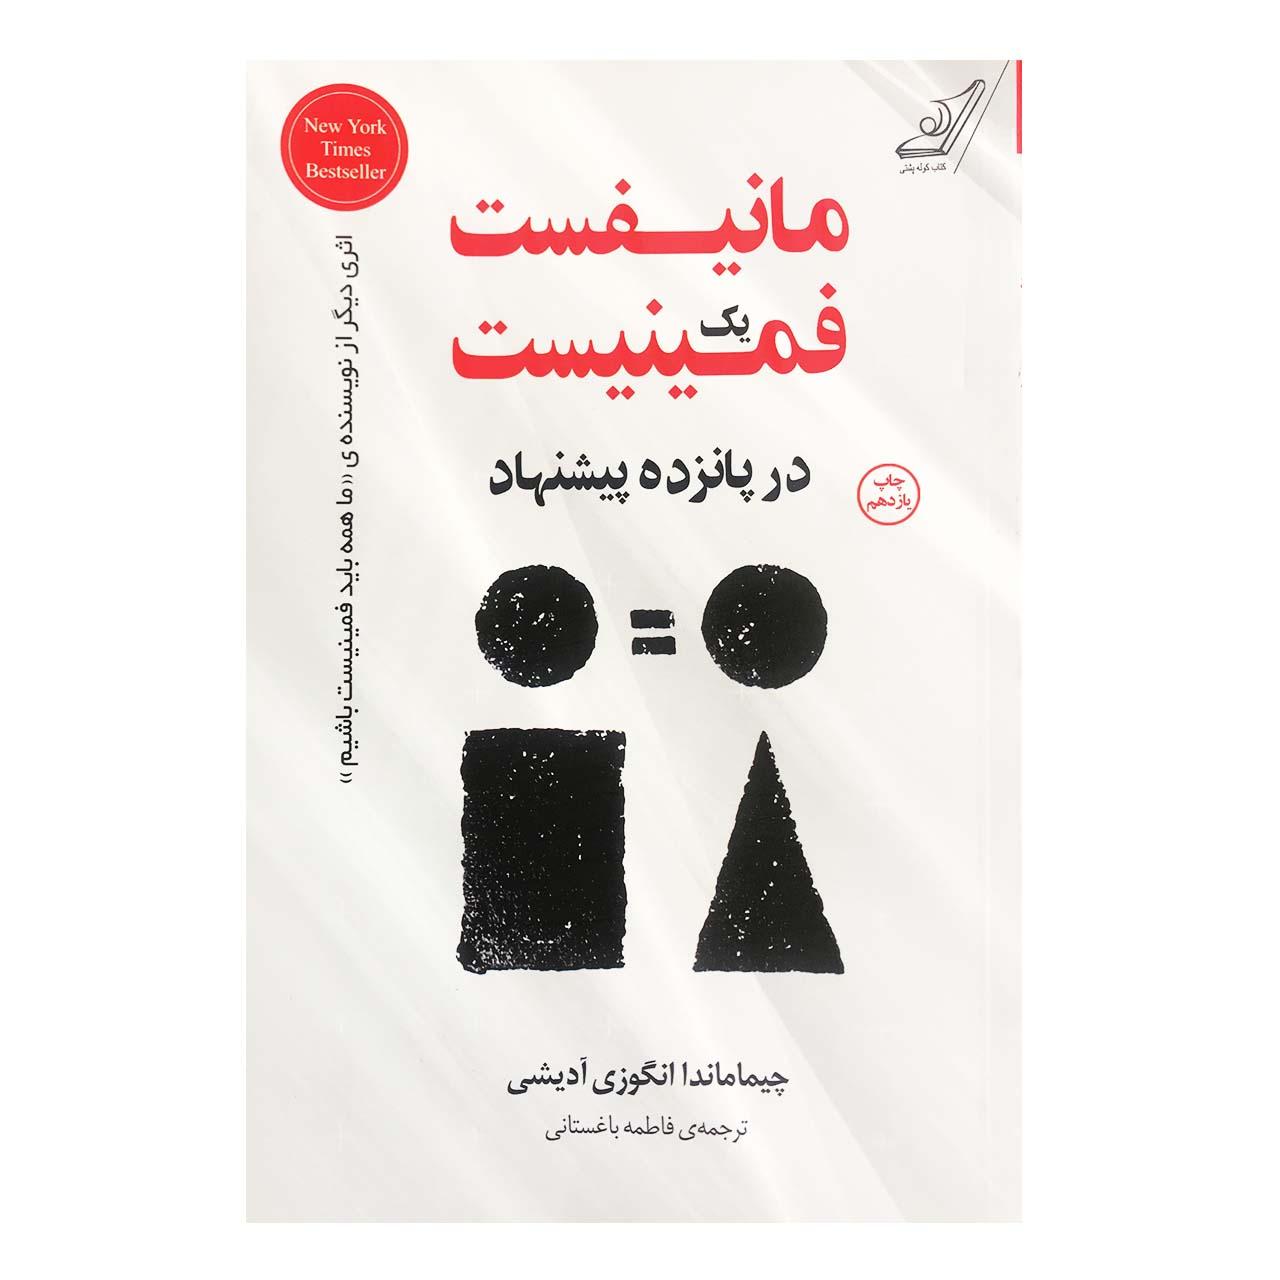 کتاب مانیفست یک فمینیست اثر چیماماندا انگوزی آدیشی انتشارات کتاب کوله پشتی thumb